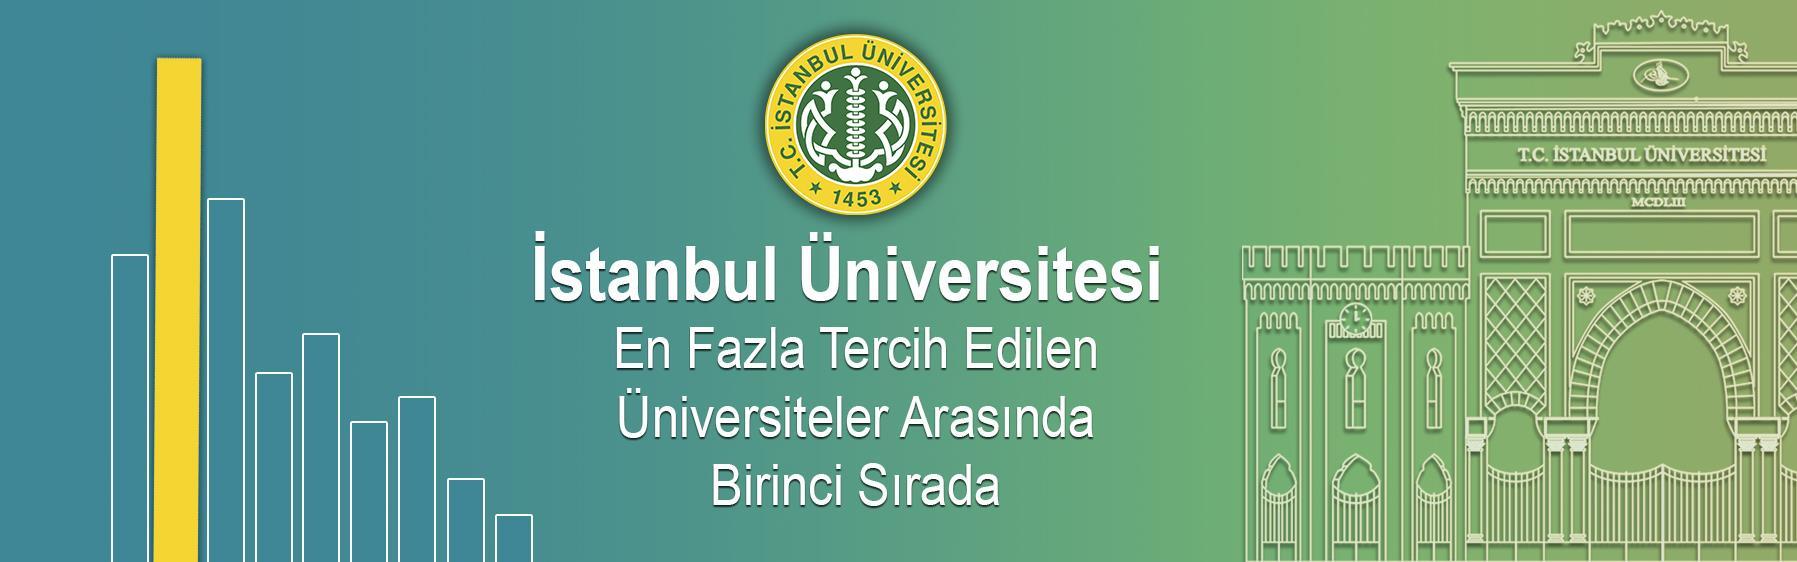 İstanbul-Üniversitesi-En-Fazla-Tercih-Edilen-Üniversiteler-Arasında-Birinci-Sırada